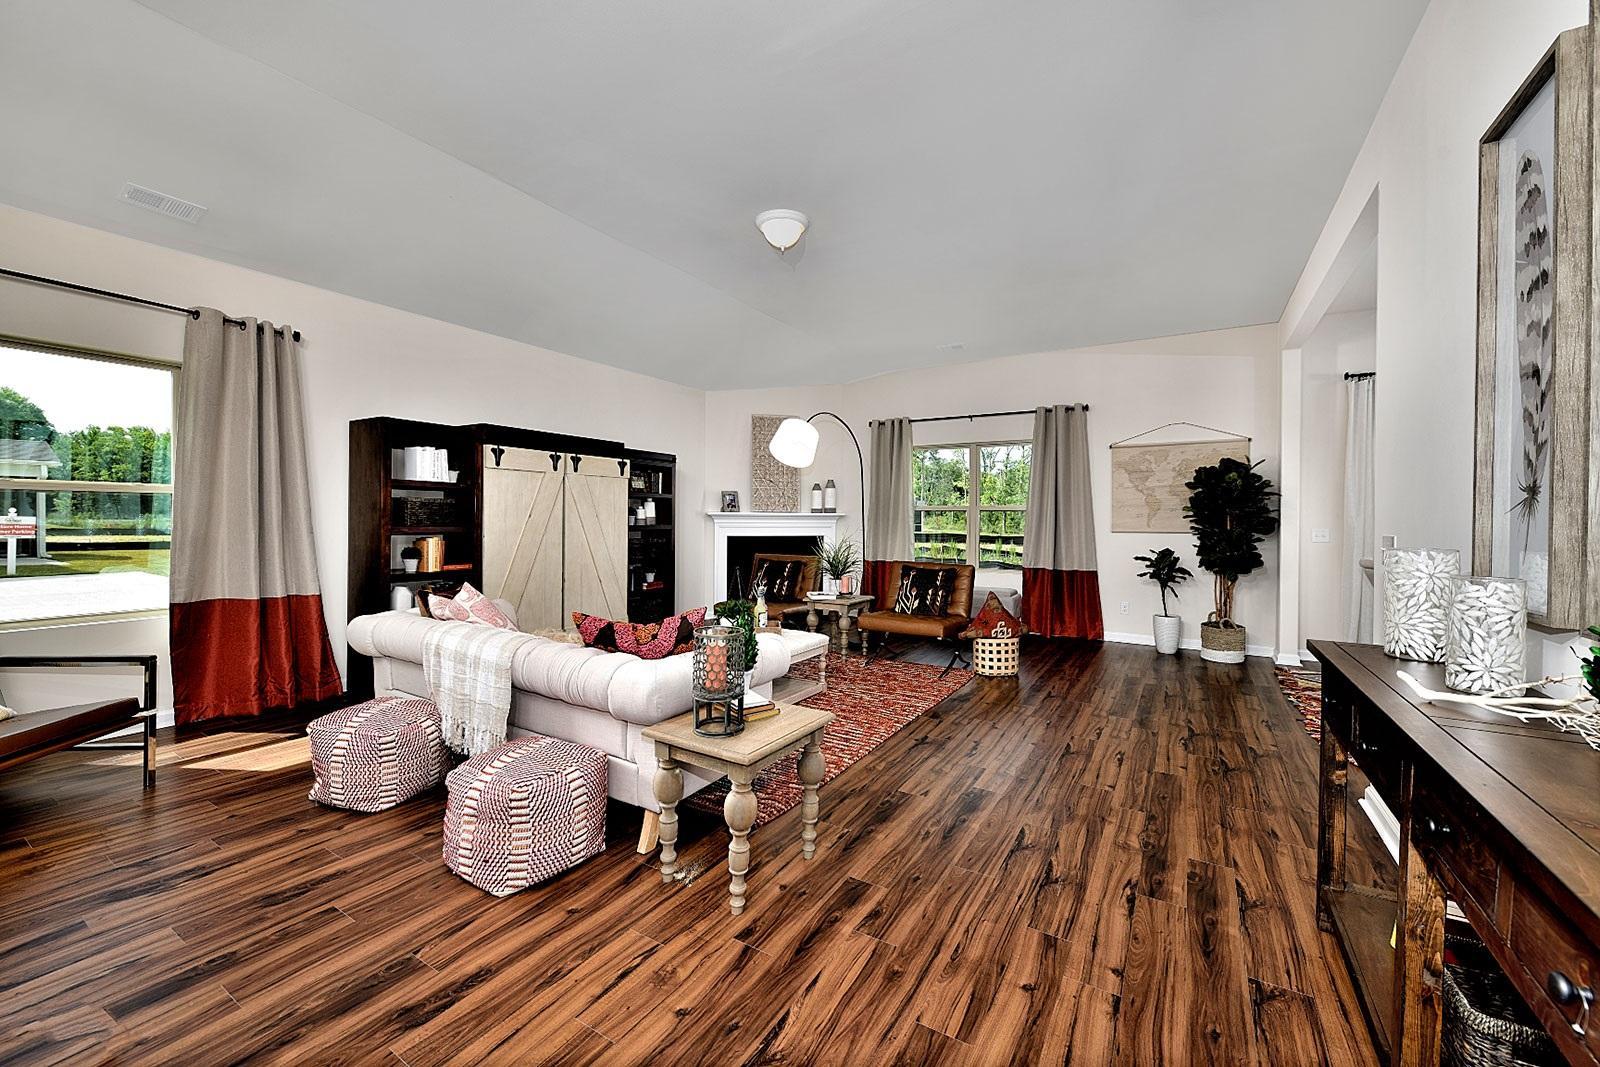 Medway Landing Homes For Sale - 254 Hyrne Drive, Goose Creek, SC - 7